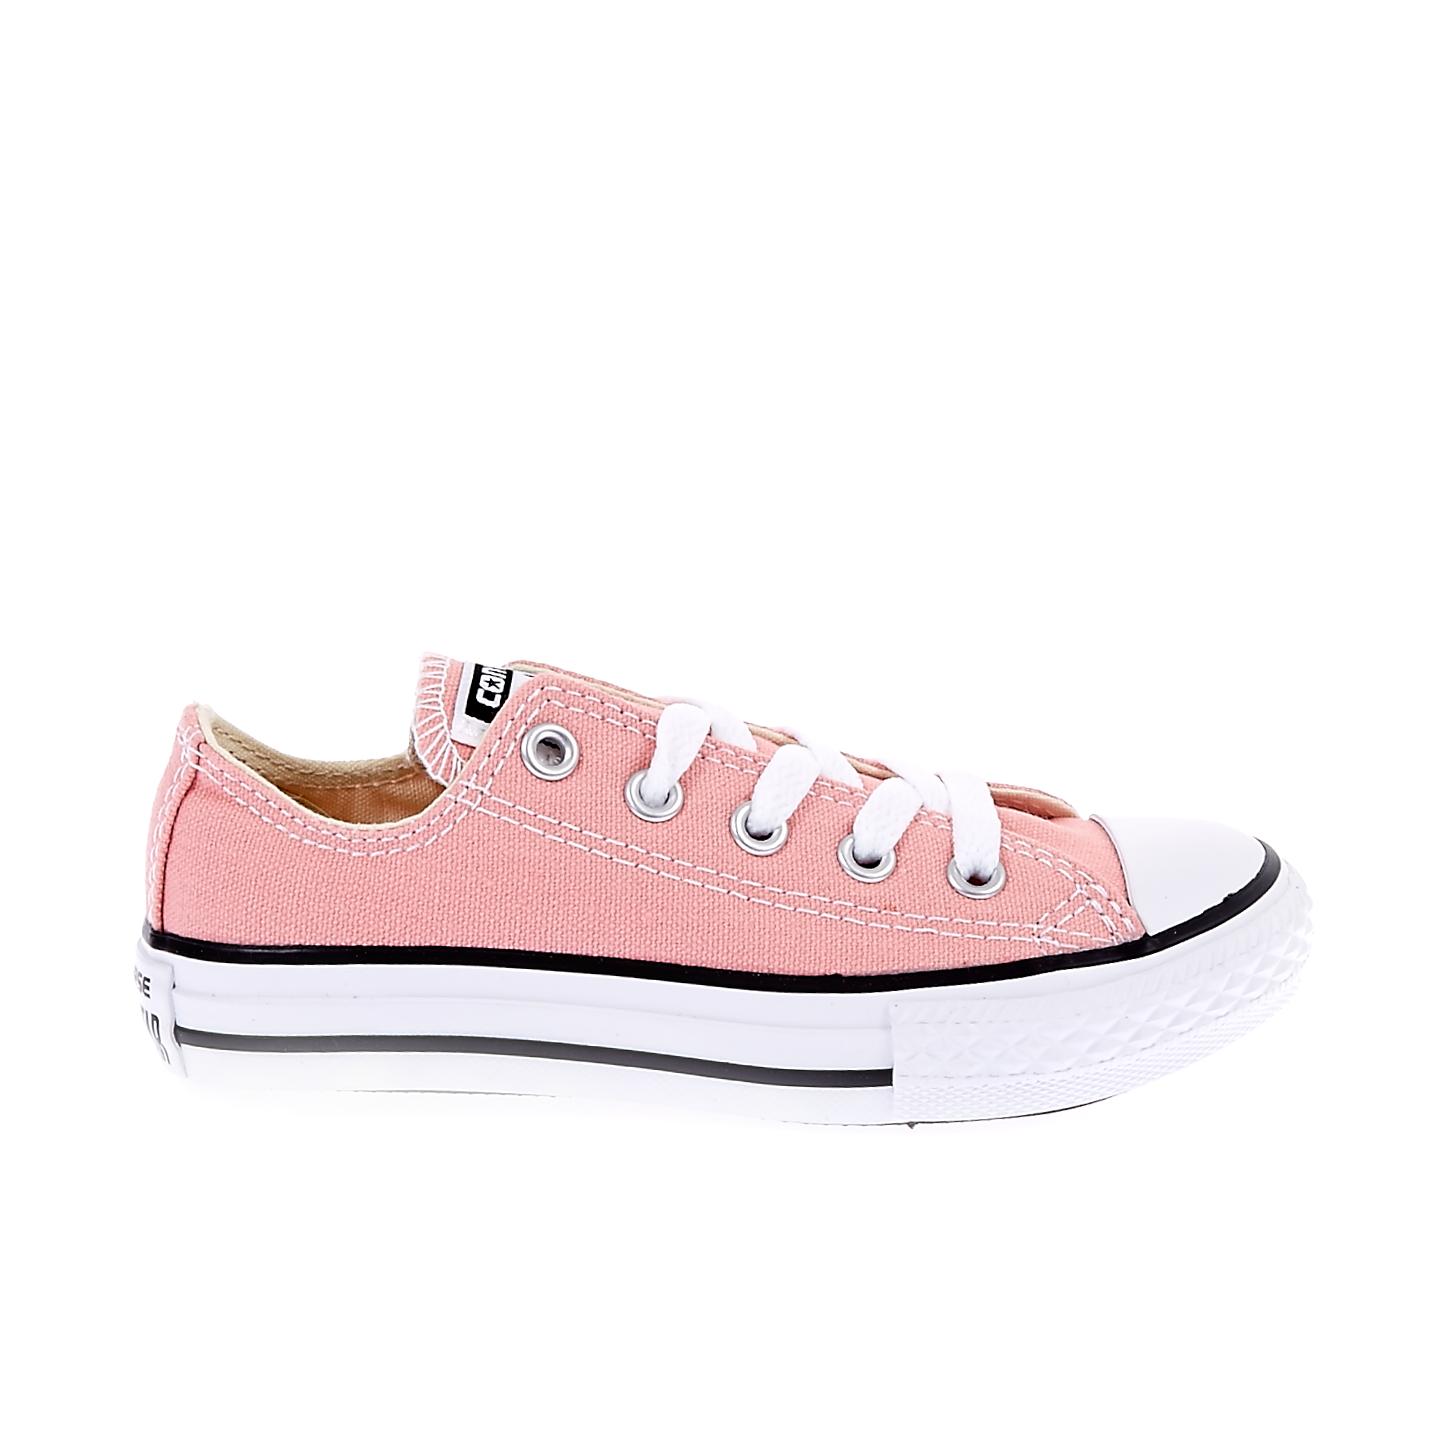 CONVERSE - Παιδικά παπούτσια Chuck Taylor All Star Ox ροζ 2e87026e3de